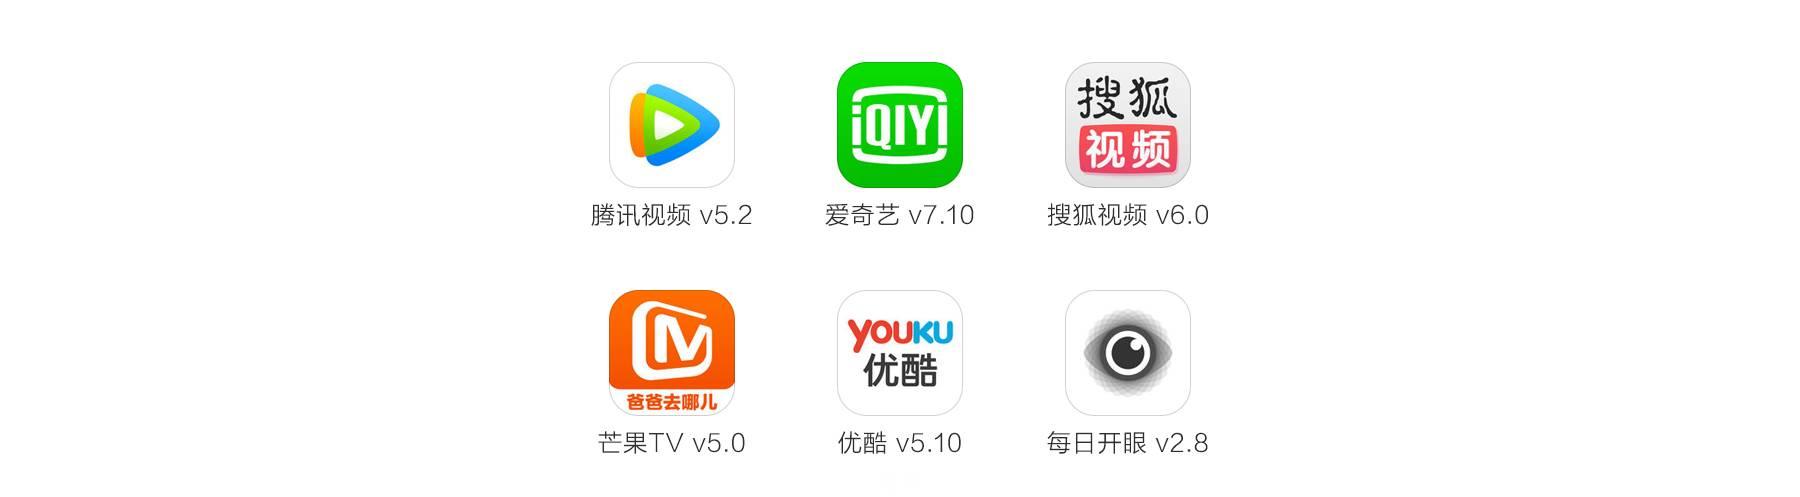 搜狐视频_本文选择腾讯视频,爱奇艺,搜狐视频和芒果tv进行界面整体的对比,在